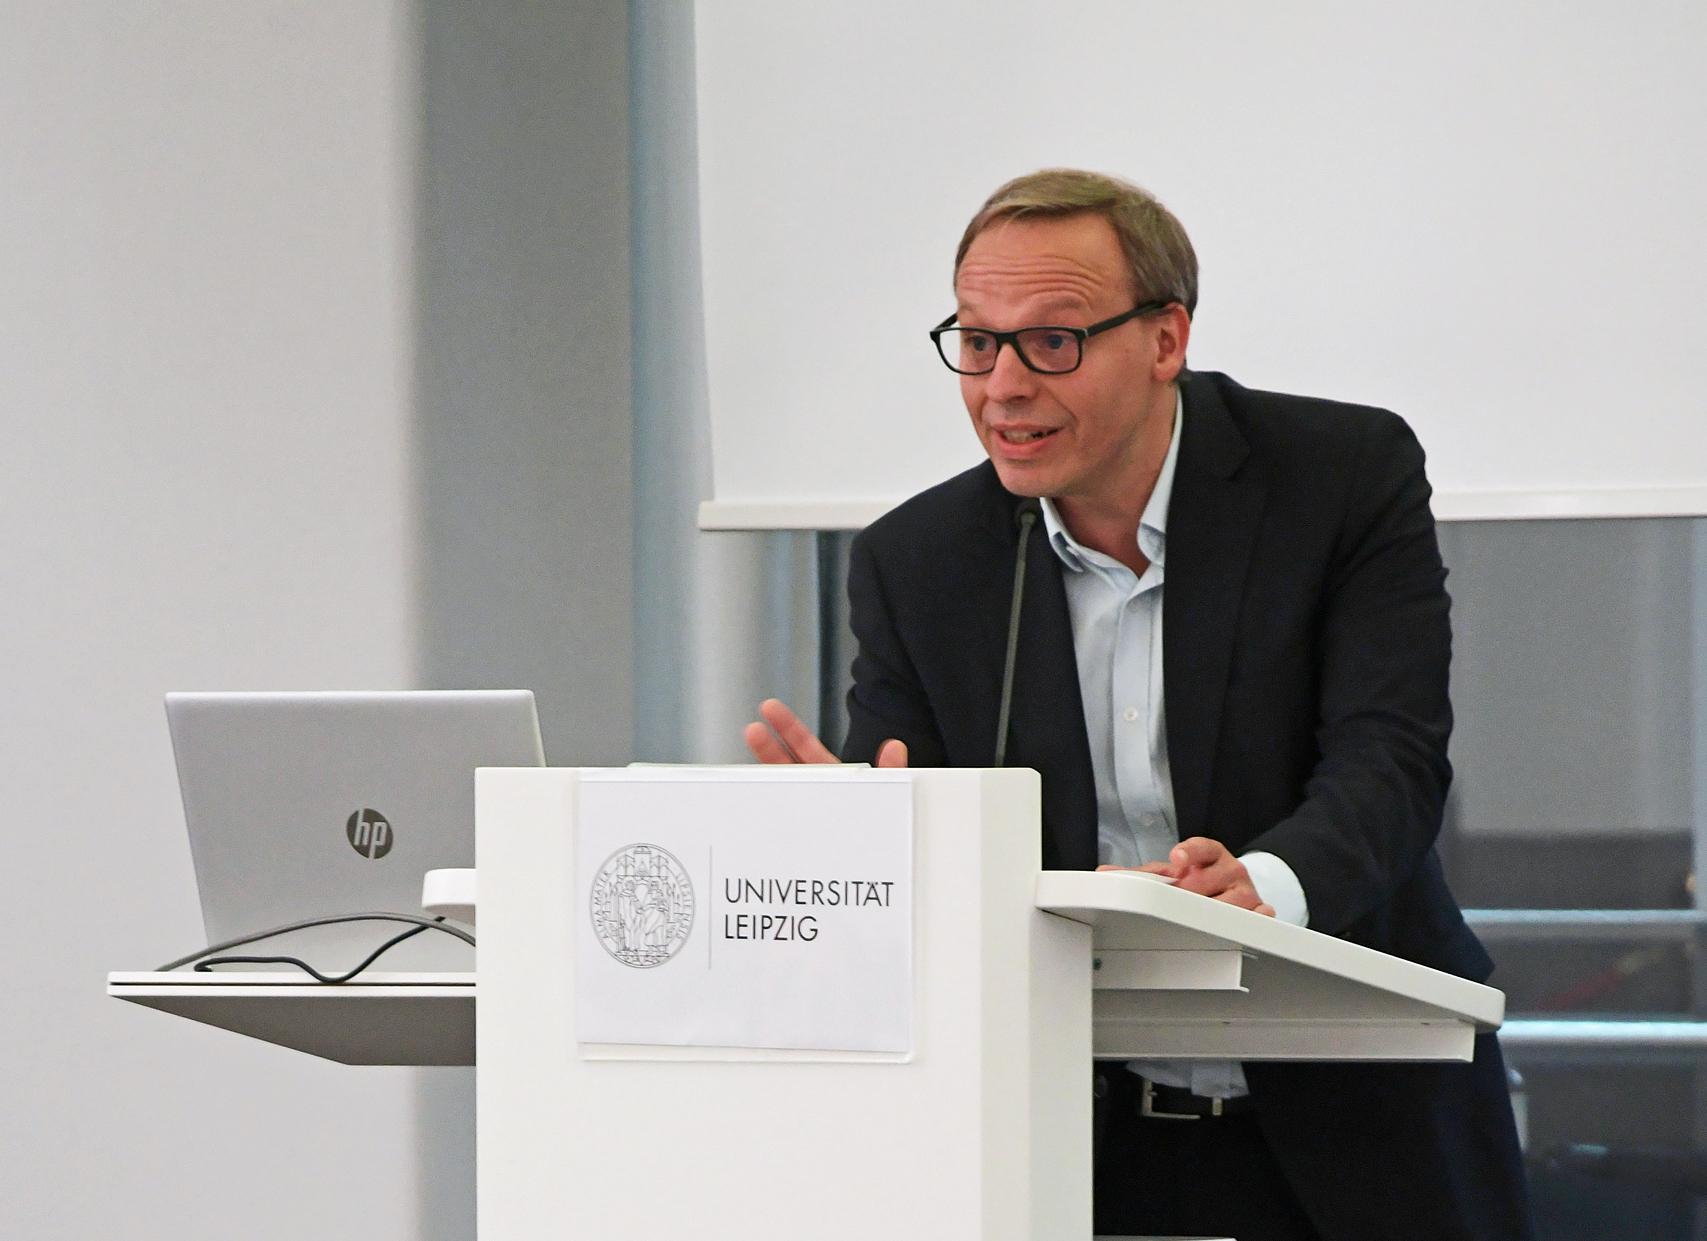 Enrico Lübbe, Intendant des Schauspiel Leipzig, bei der Eröffnung des Symposiums im Paulinum der Universität Leipzig. © CCT/Daniel Herold